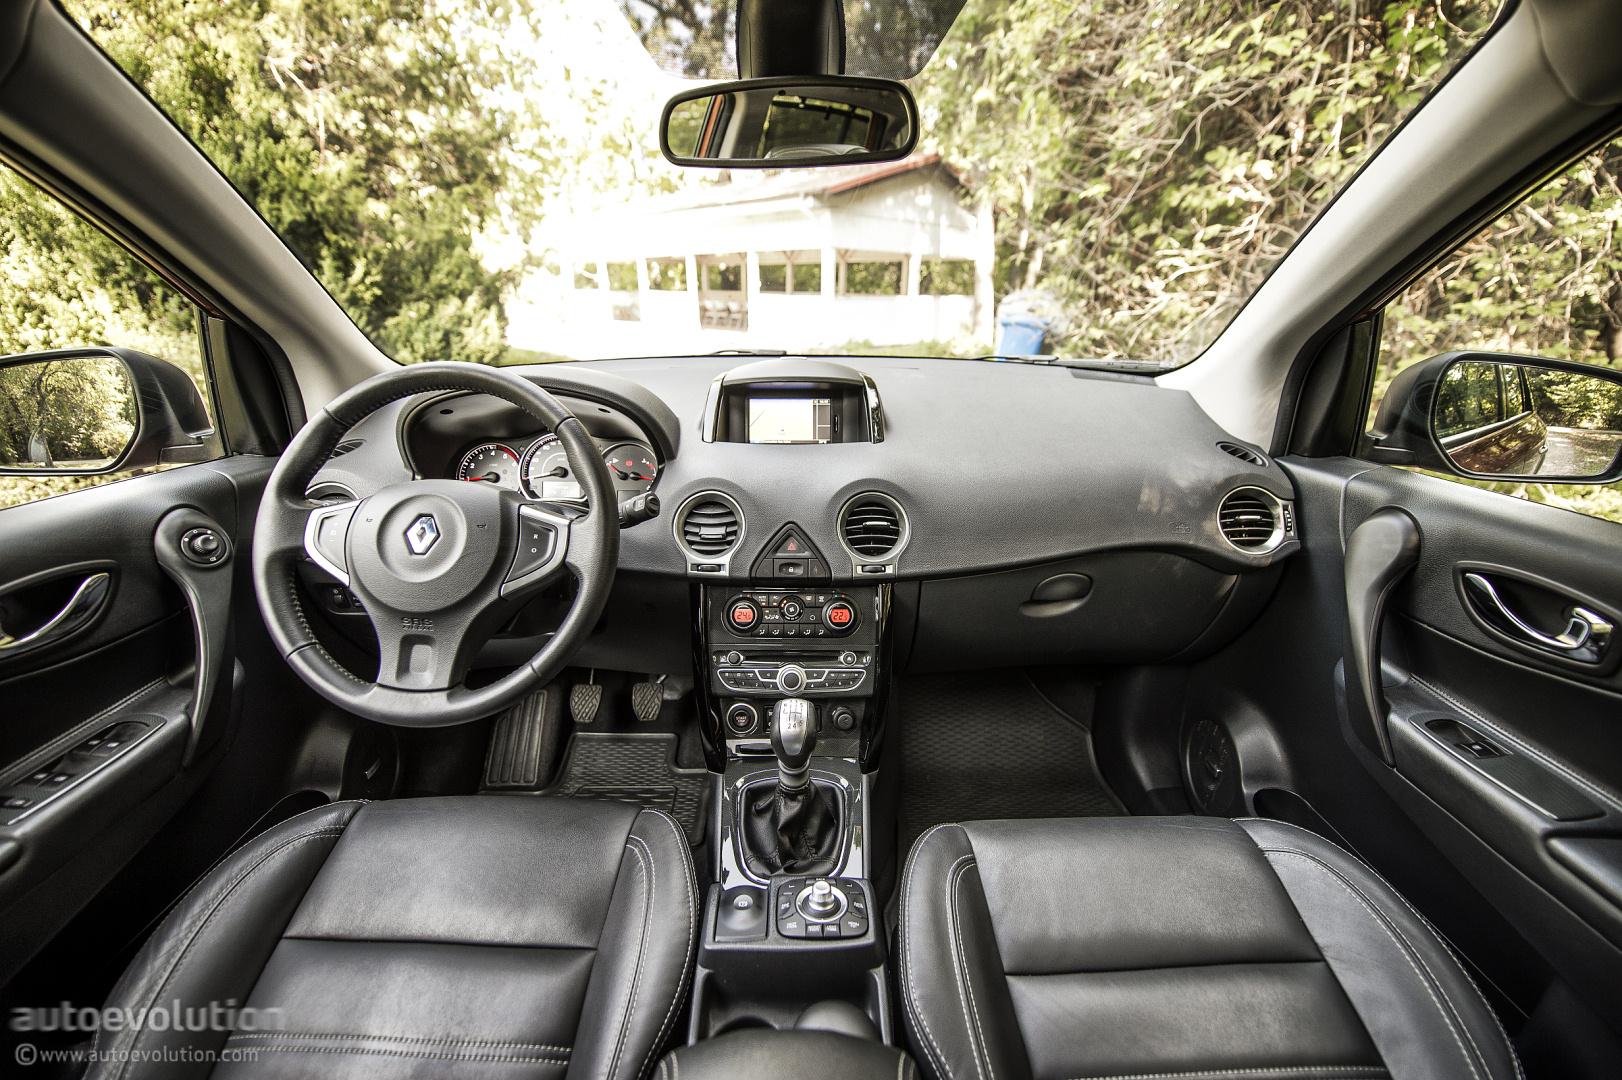 3DTuning of Renault Koleos Crossover 2012 3DTuning.com ...